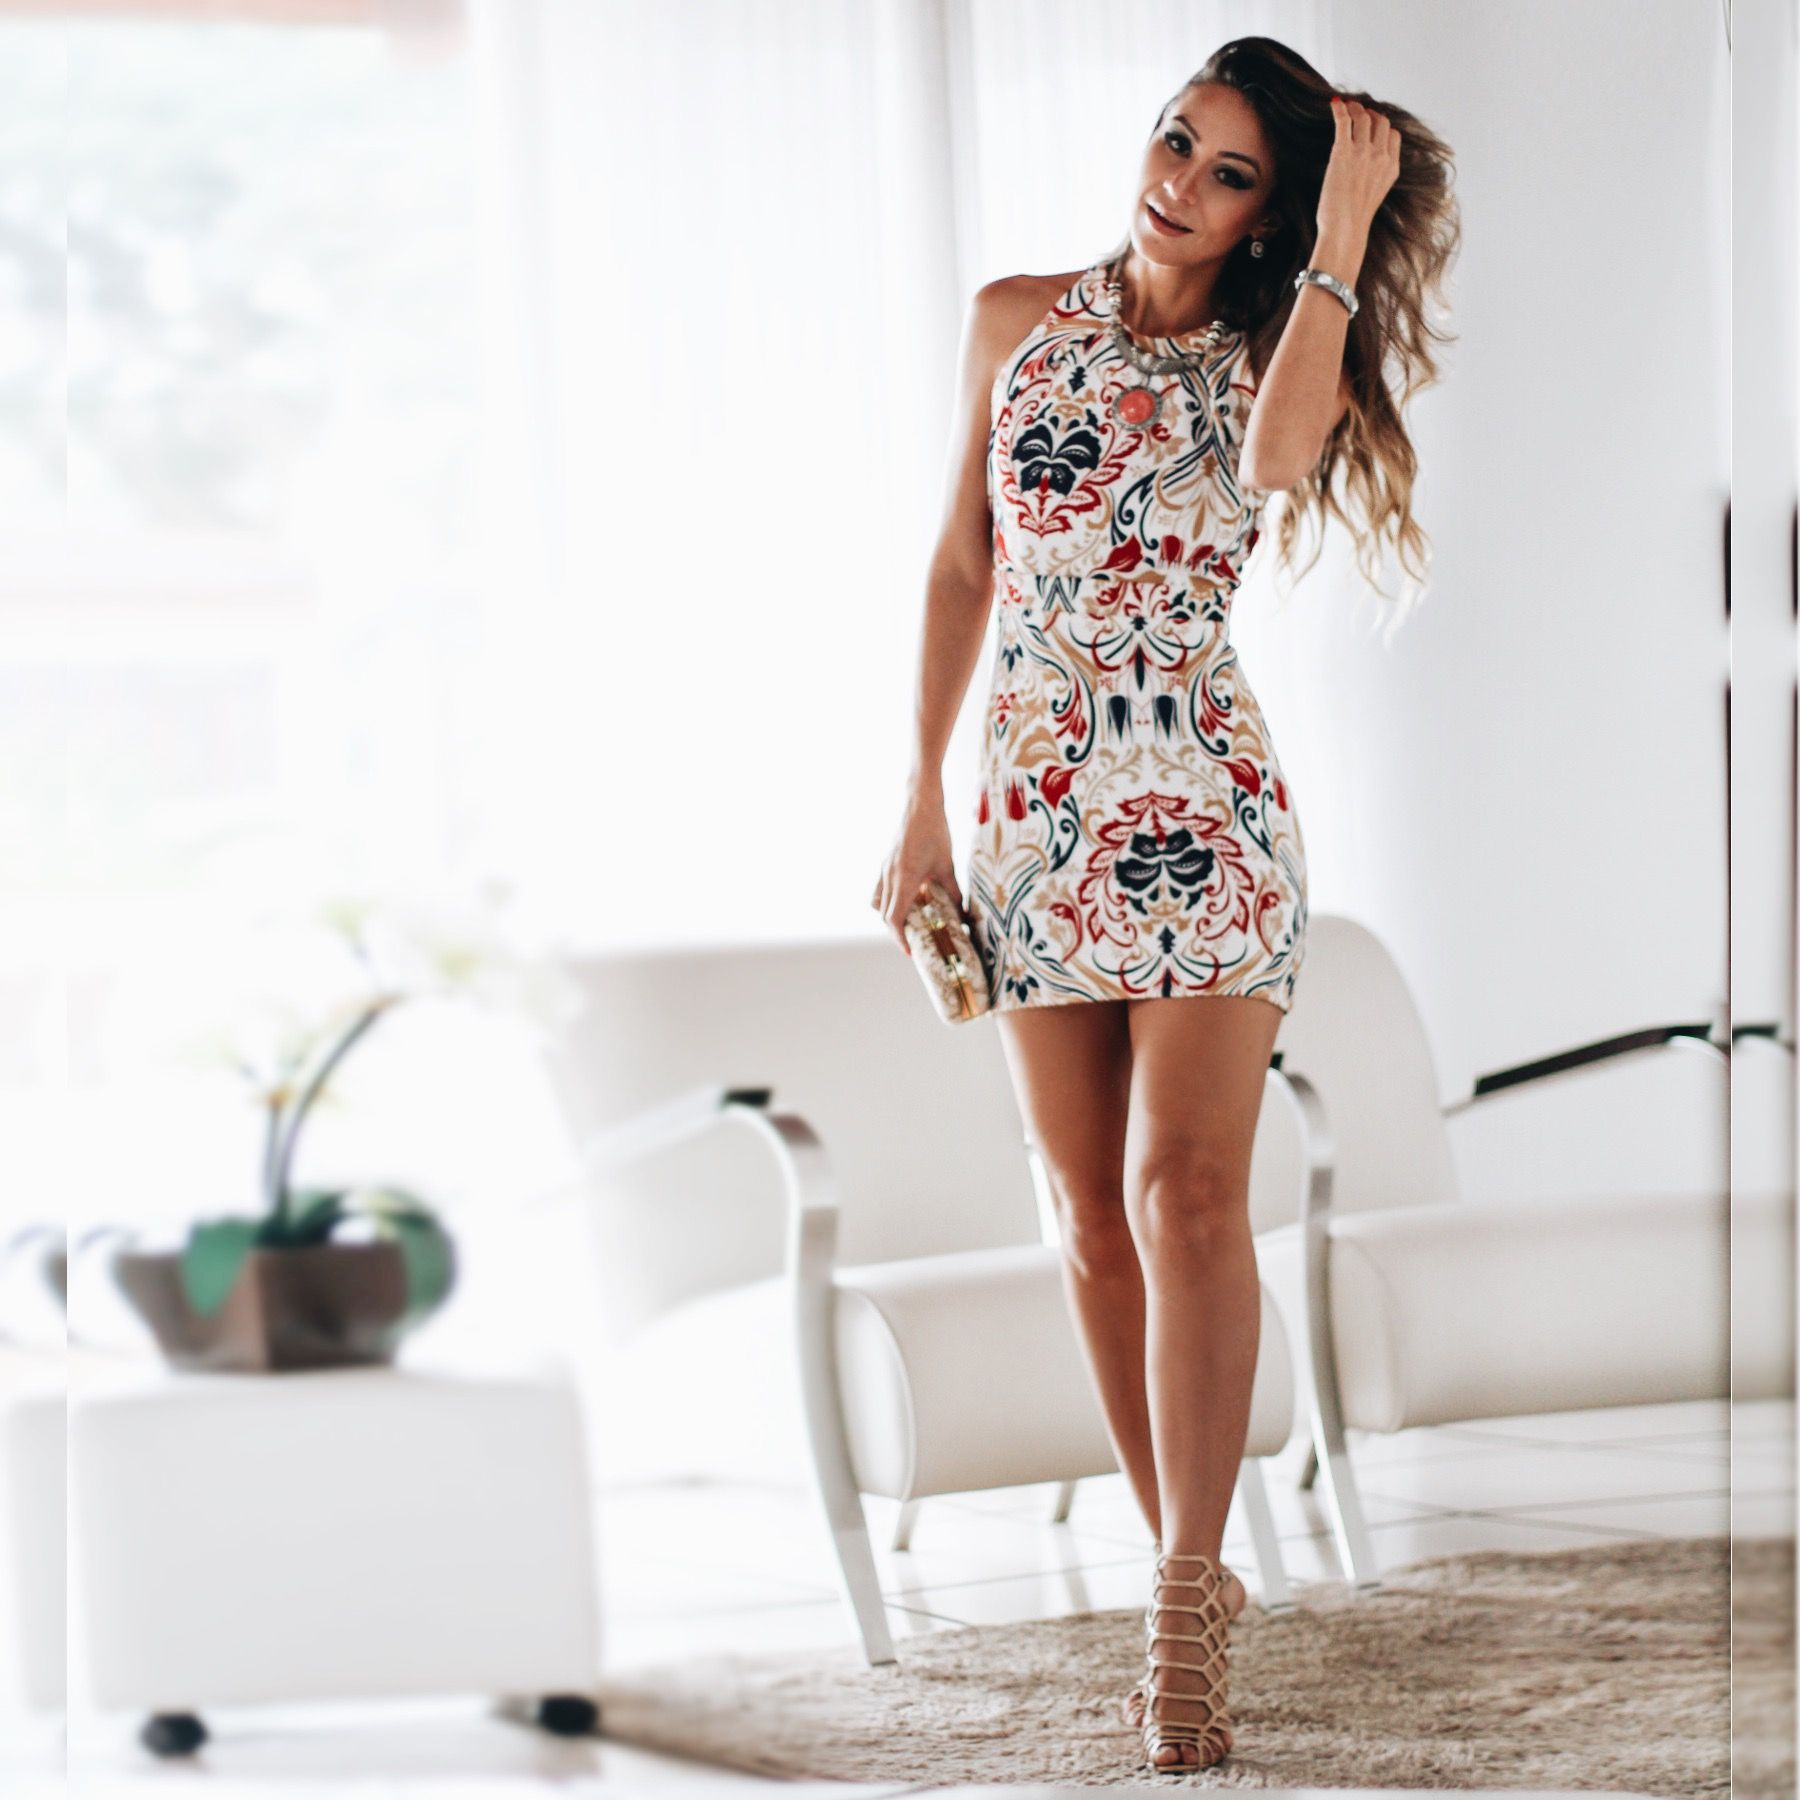 Moda verao 2014 vestidos curtos